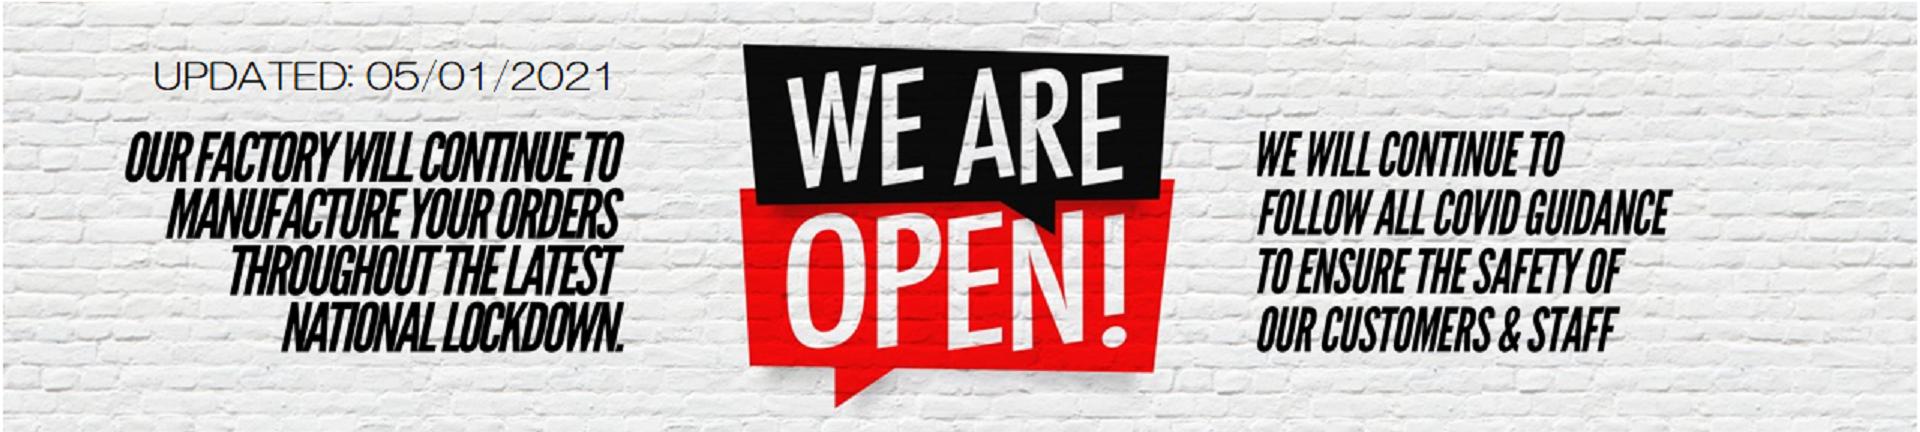 open update banner